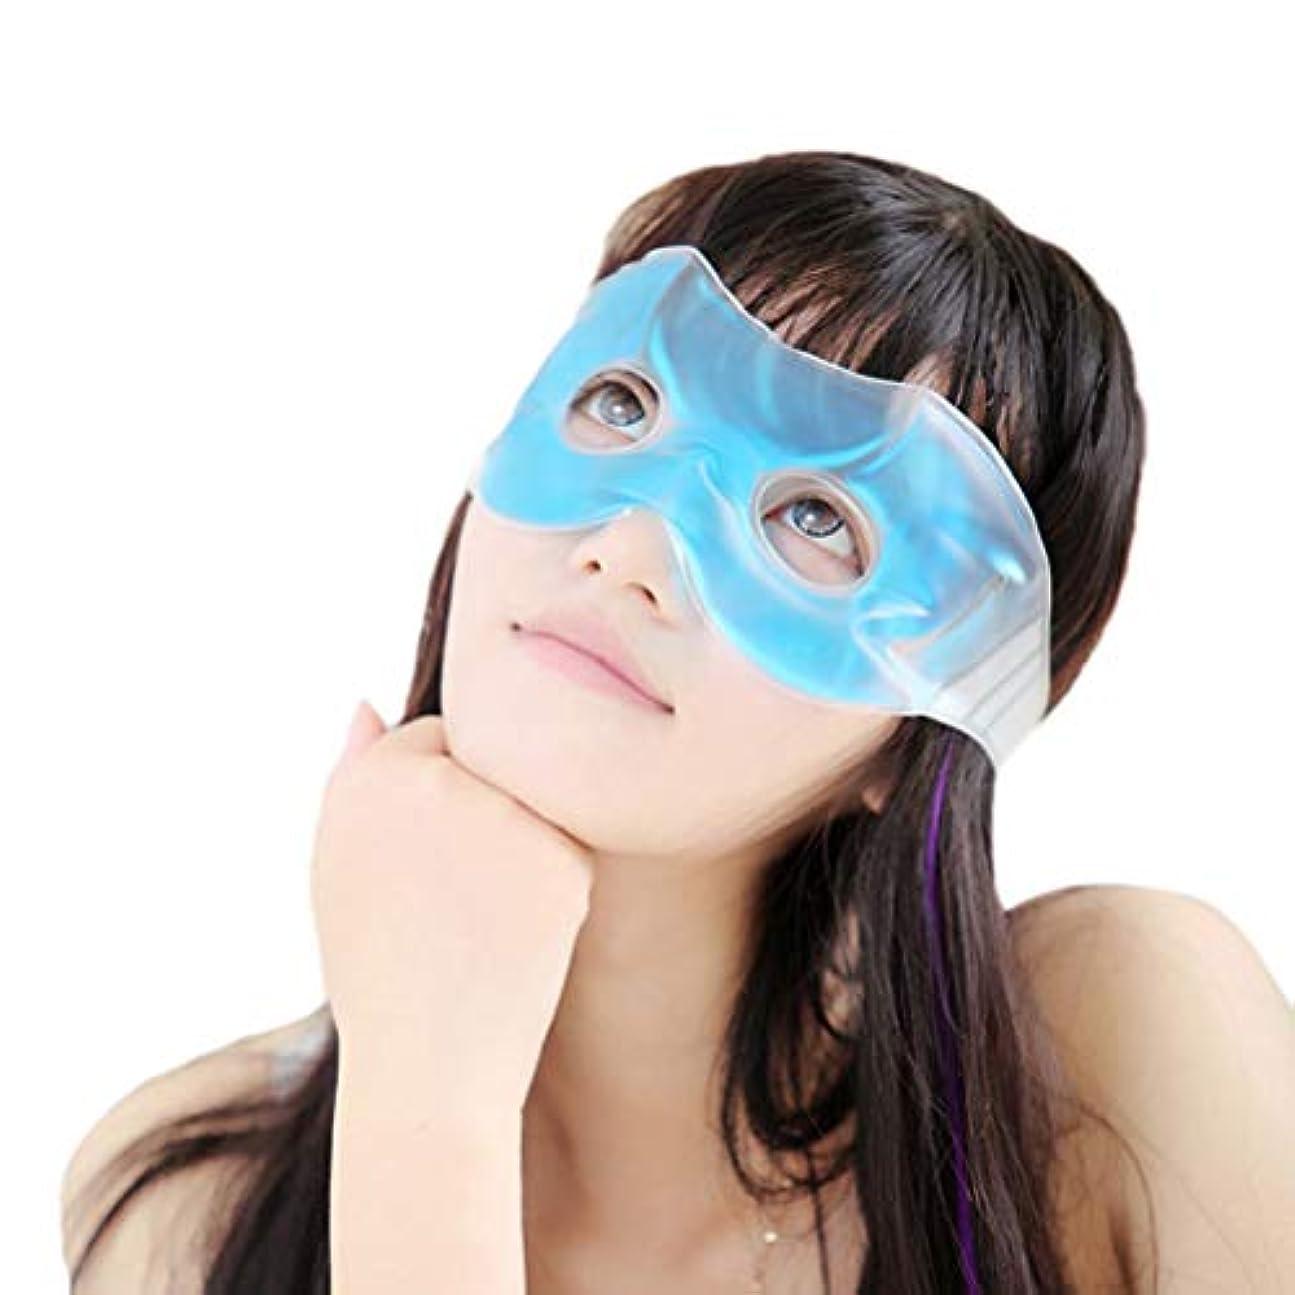 パトワ最悪人類Healifty アイマスク ゲル アイスパッド アイスアイマスク 目隠し リラックス 冷却 パック 再使用可能 目の疲れ軽減 安眠 血行促進